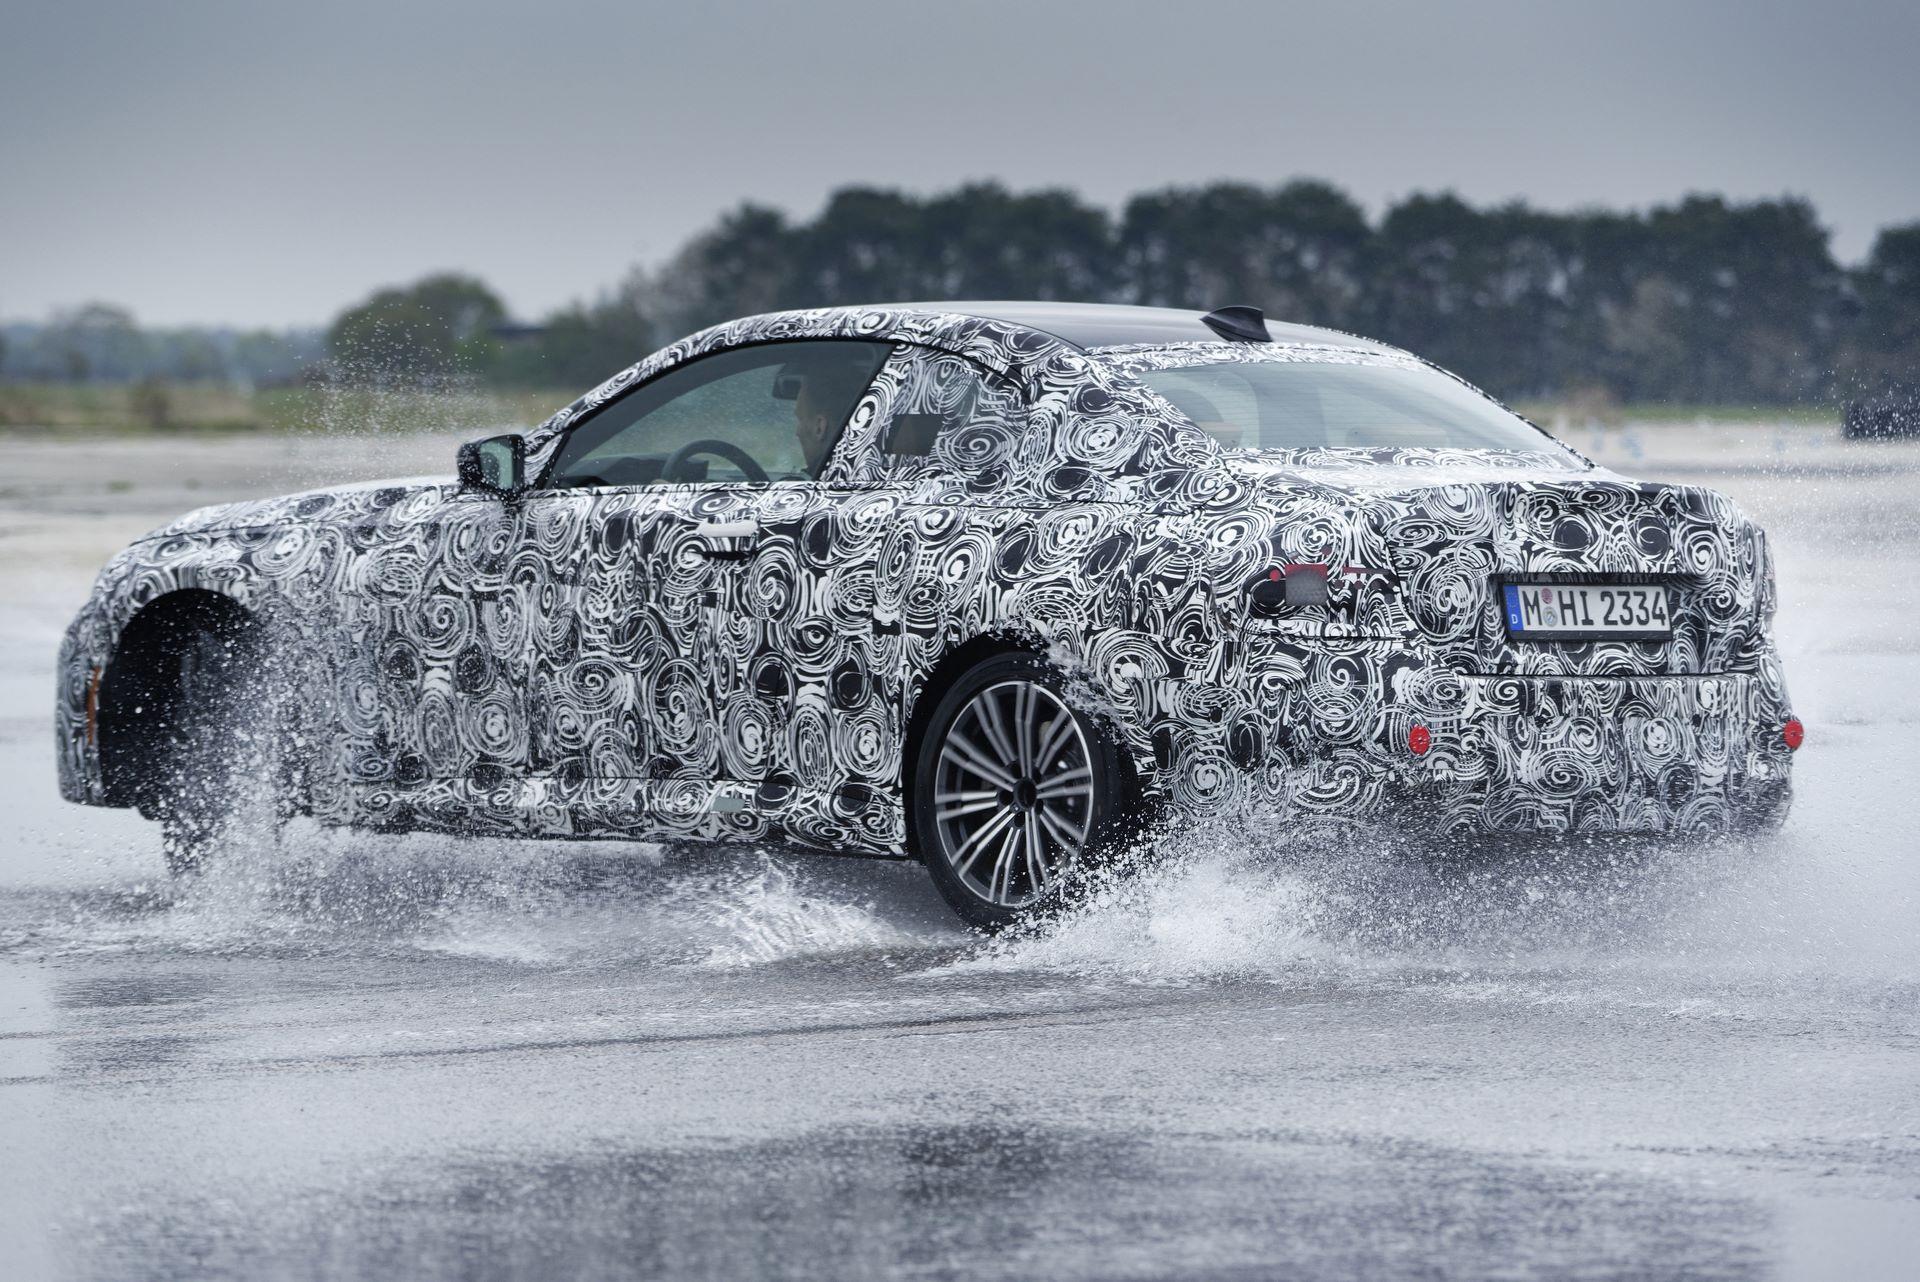 BMW-2-Series-M240i-spy-photos-38